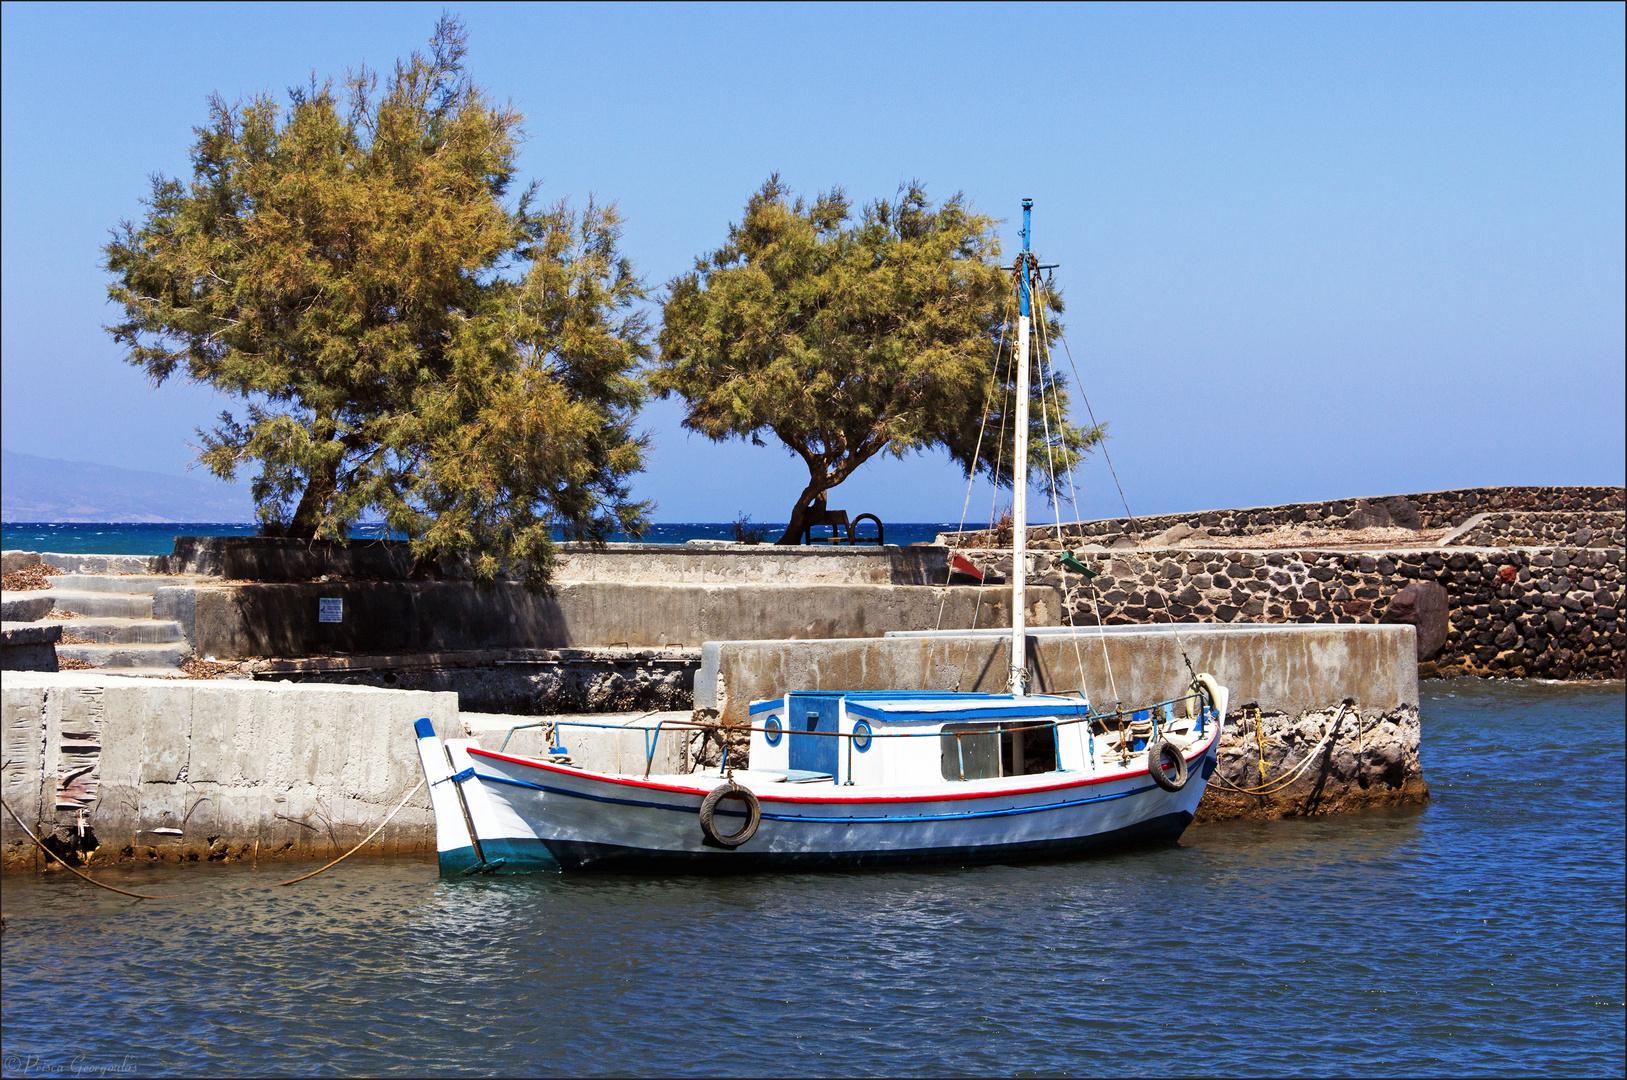 Idylle am kleinen Hafen von Porì